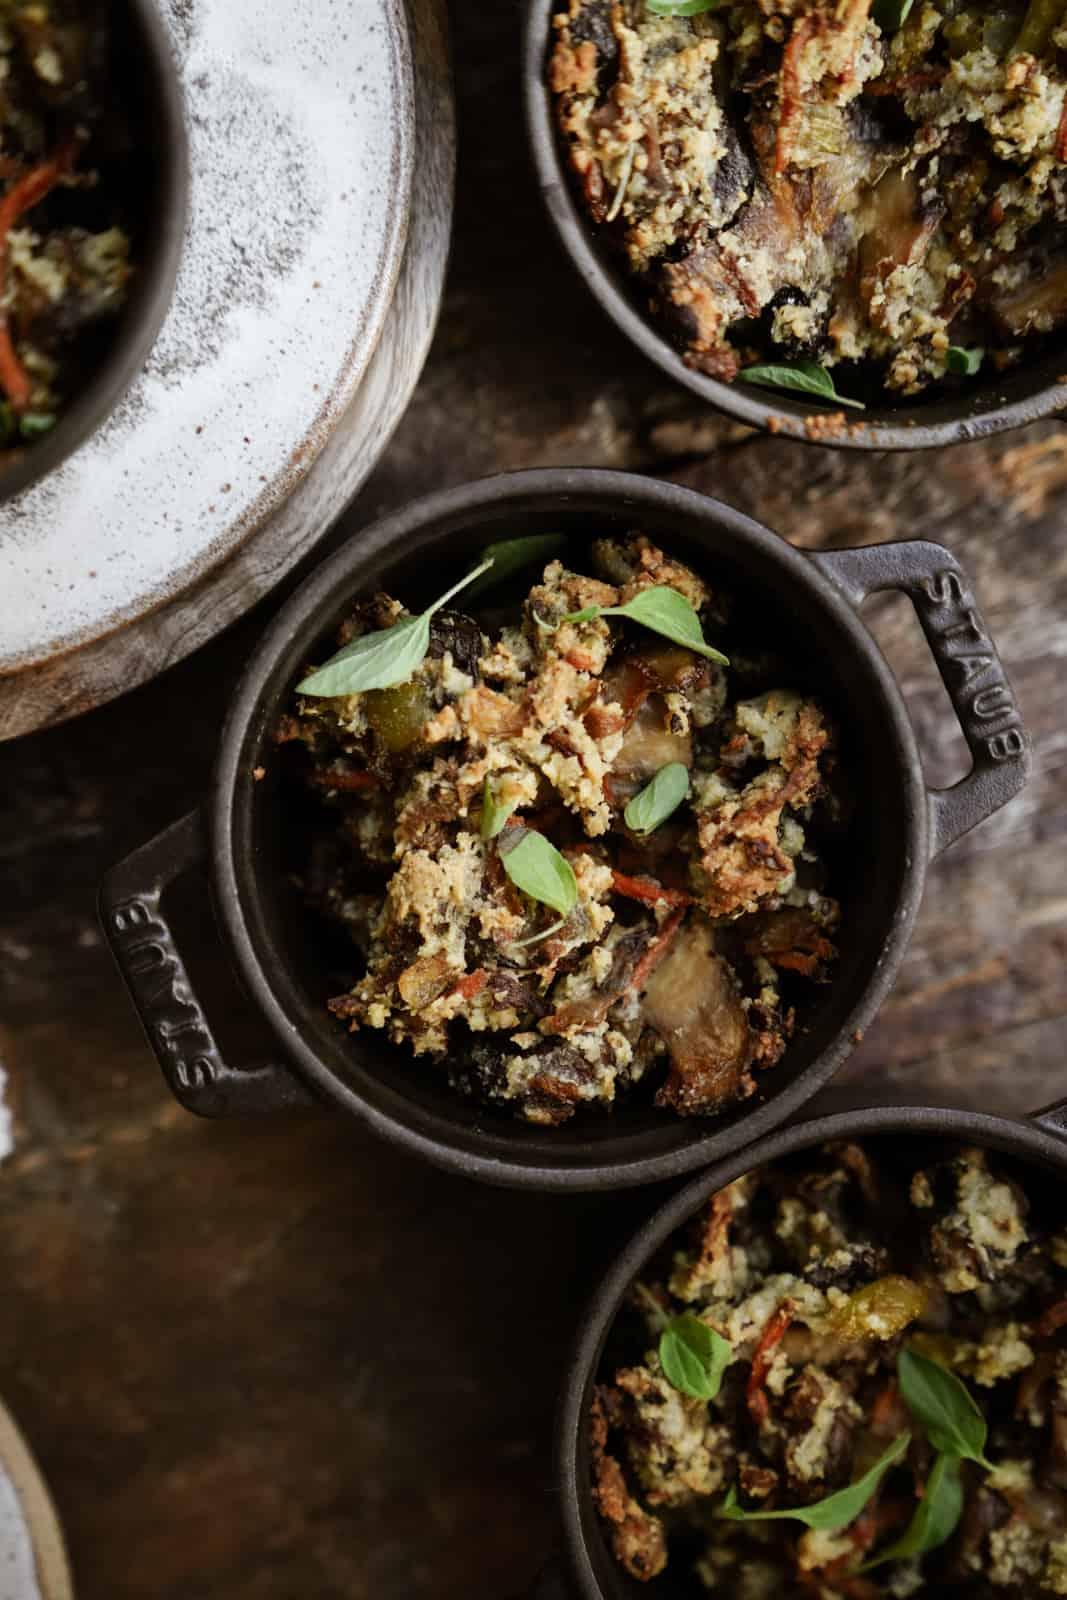 Vegan Gluten-Free Stuffingin mini pots on wooden table.